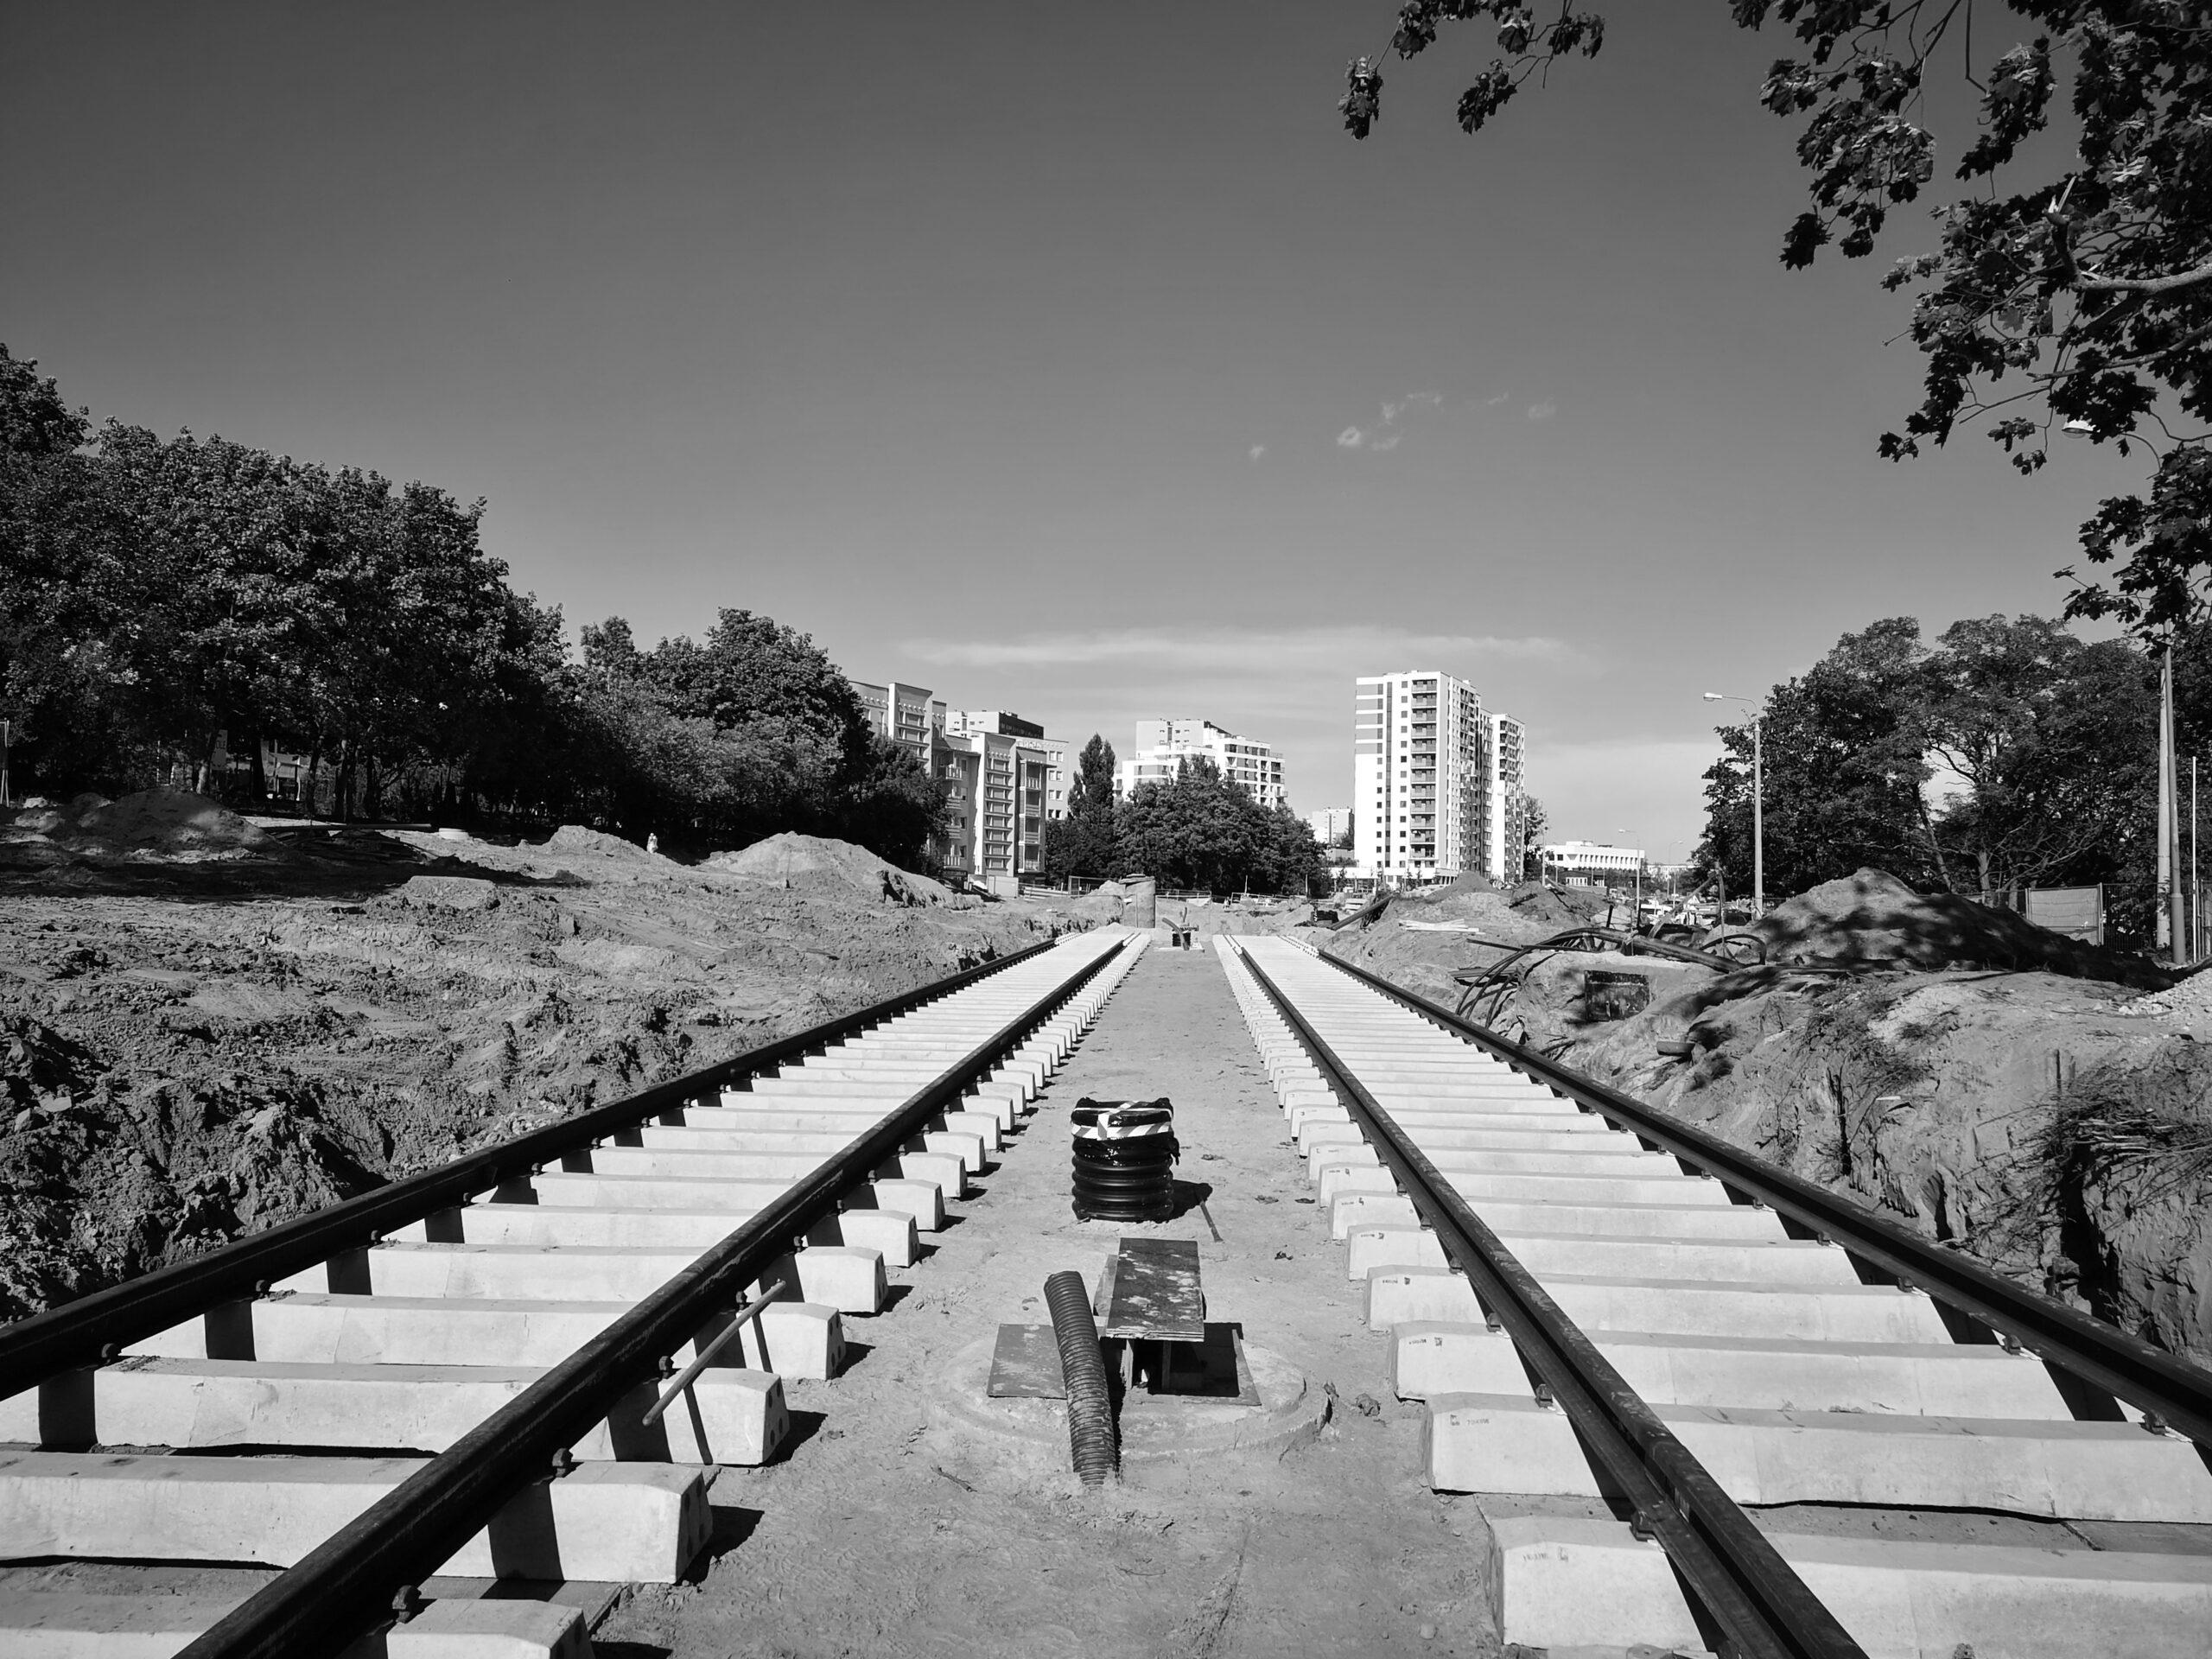 firma geologiczna FGFG przebudowa pętli tramwajowej